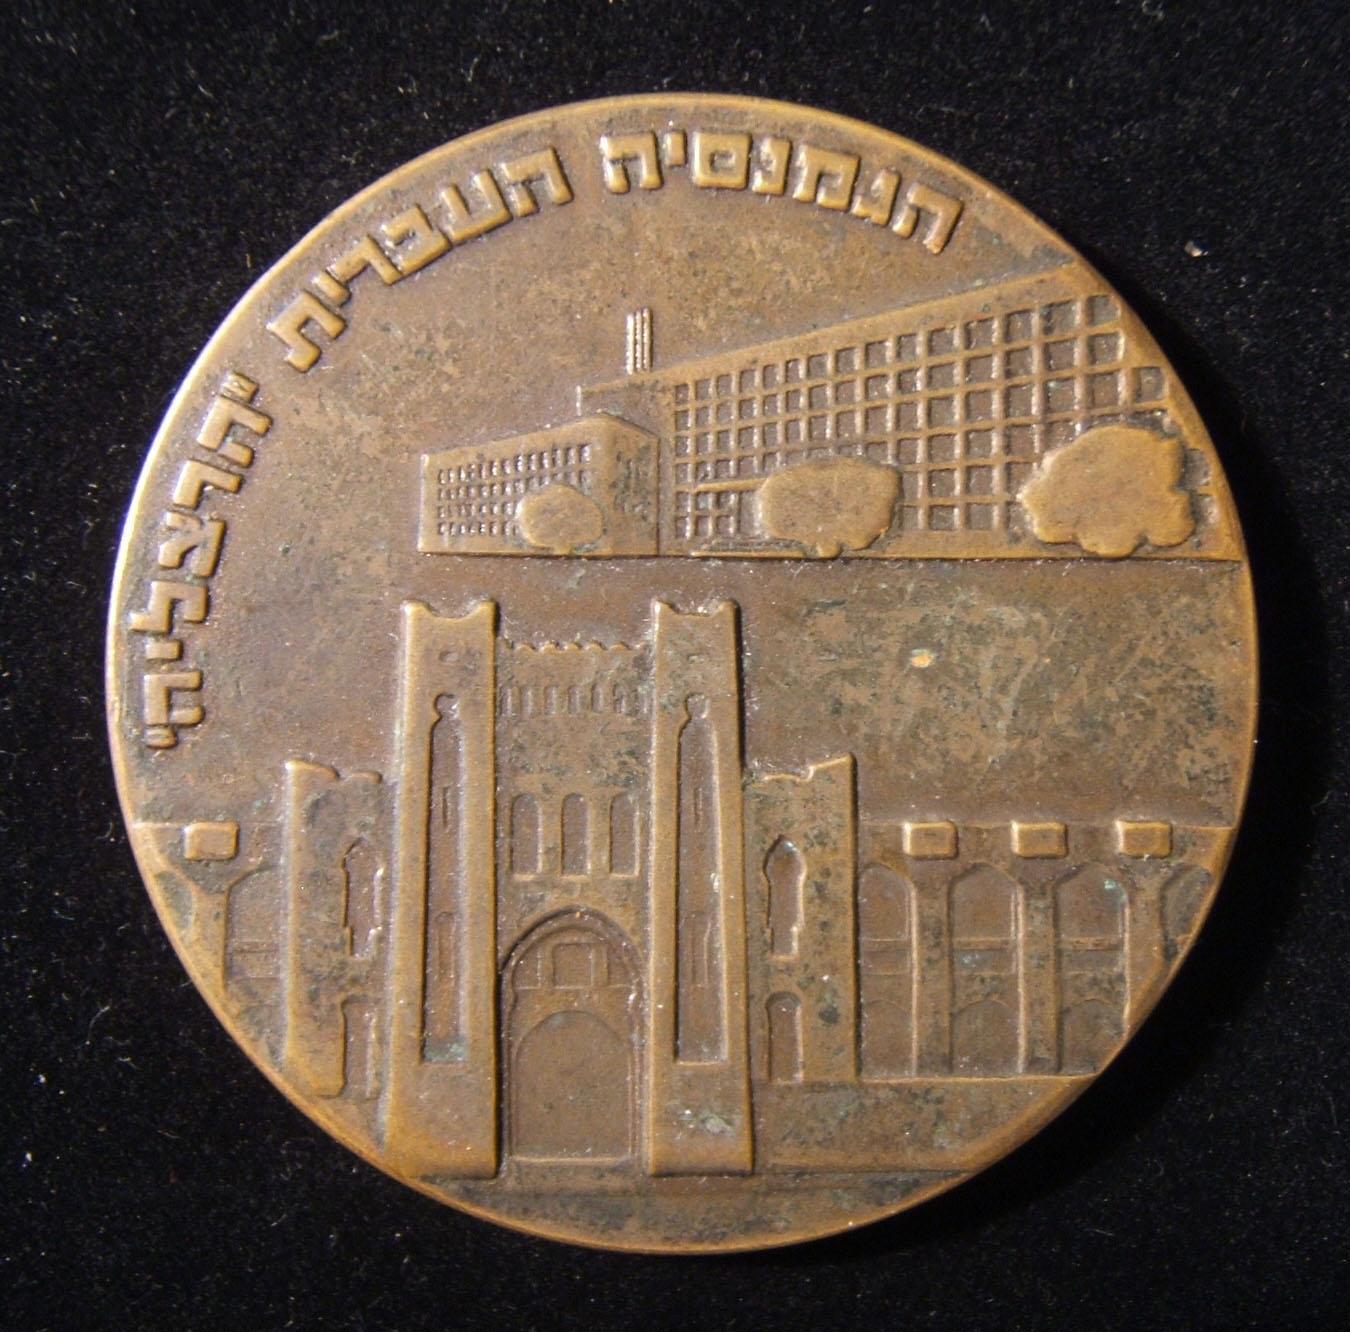 Israel: 'Gymnasien Herzliya' Medaille, ND (1969?); kein Hersteller gekennzeichnet (Kretschmer?); Größe: 60 mm; Gewicht: 96,15 g. Vorderseite: ursprüngliche und neue Strukturen des